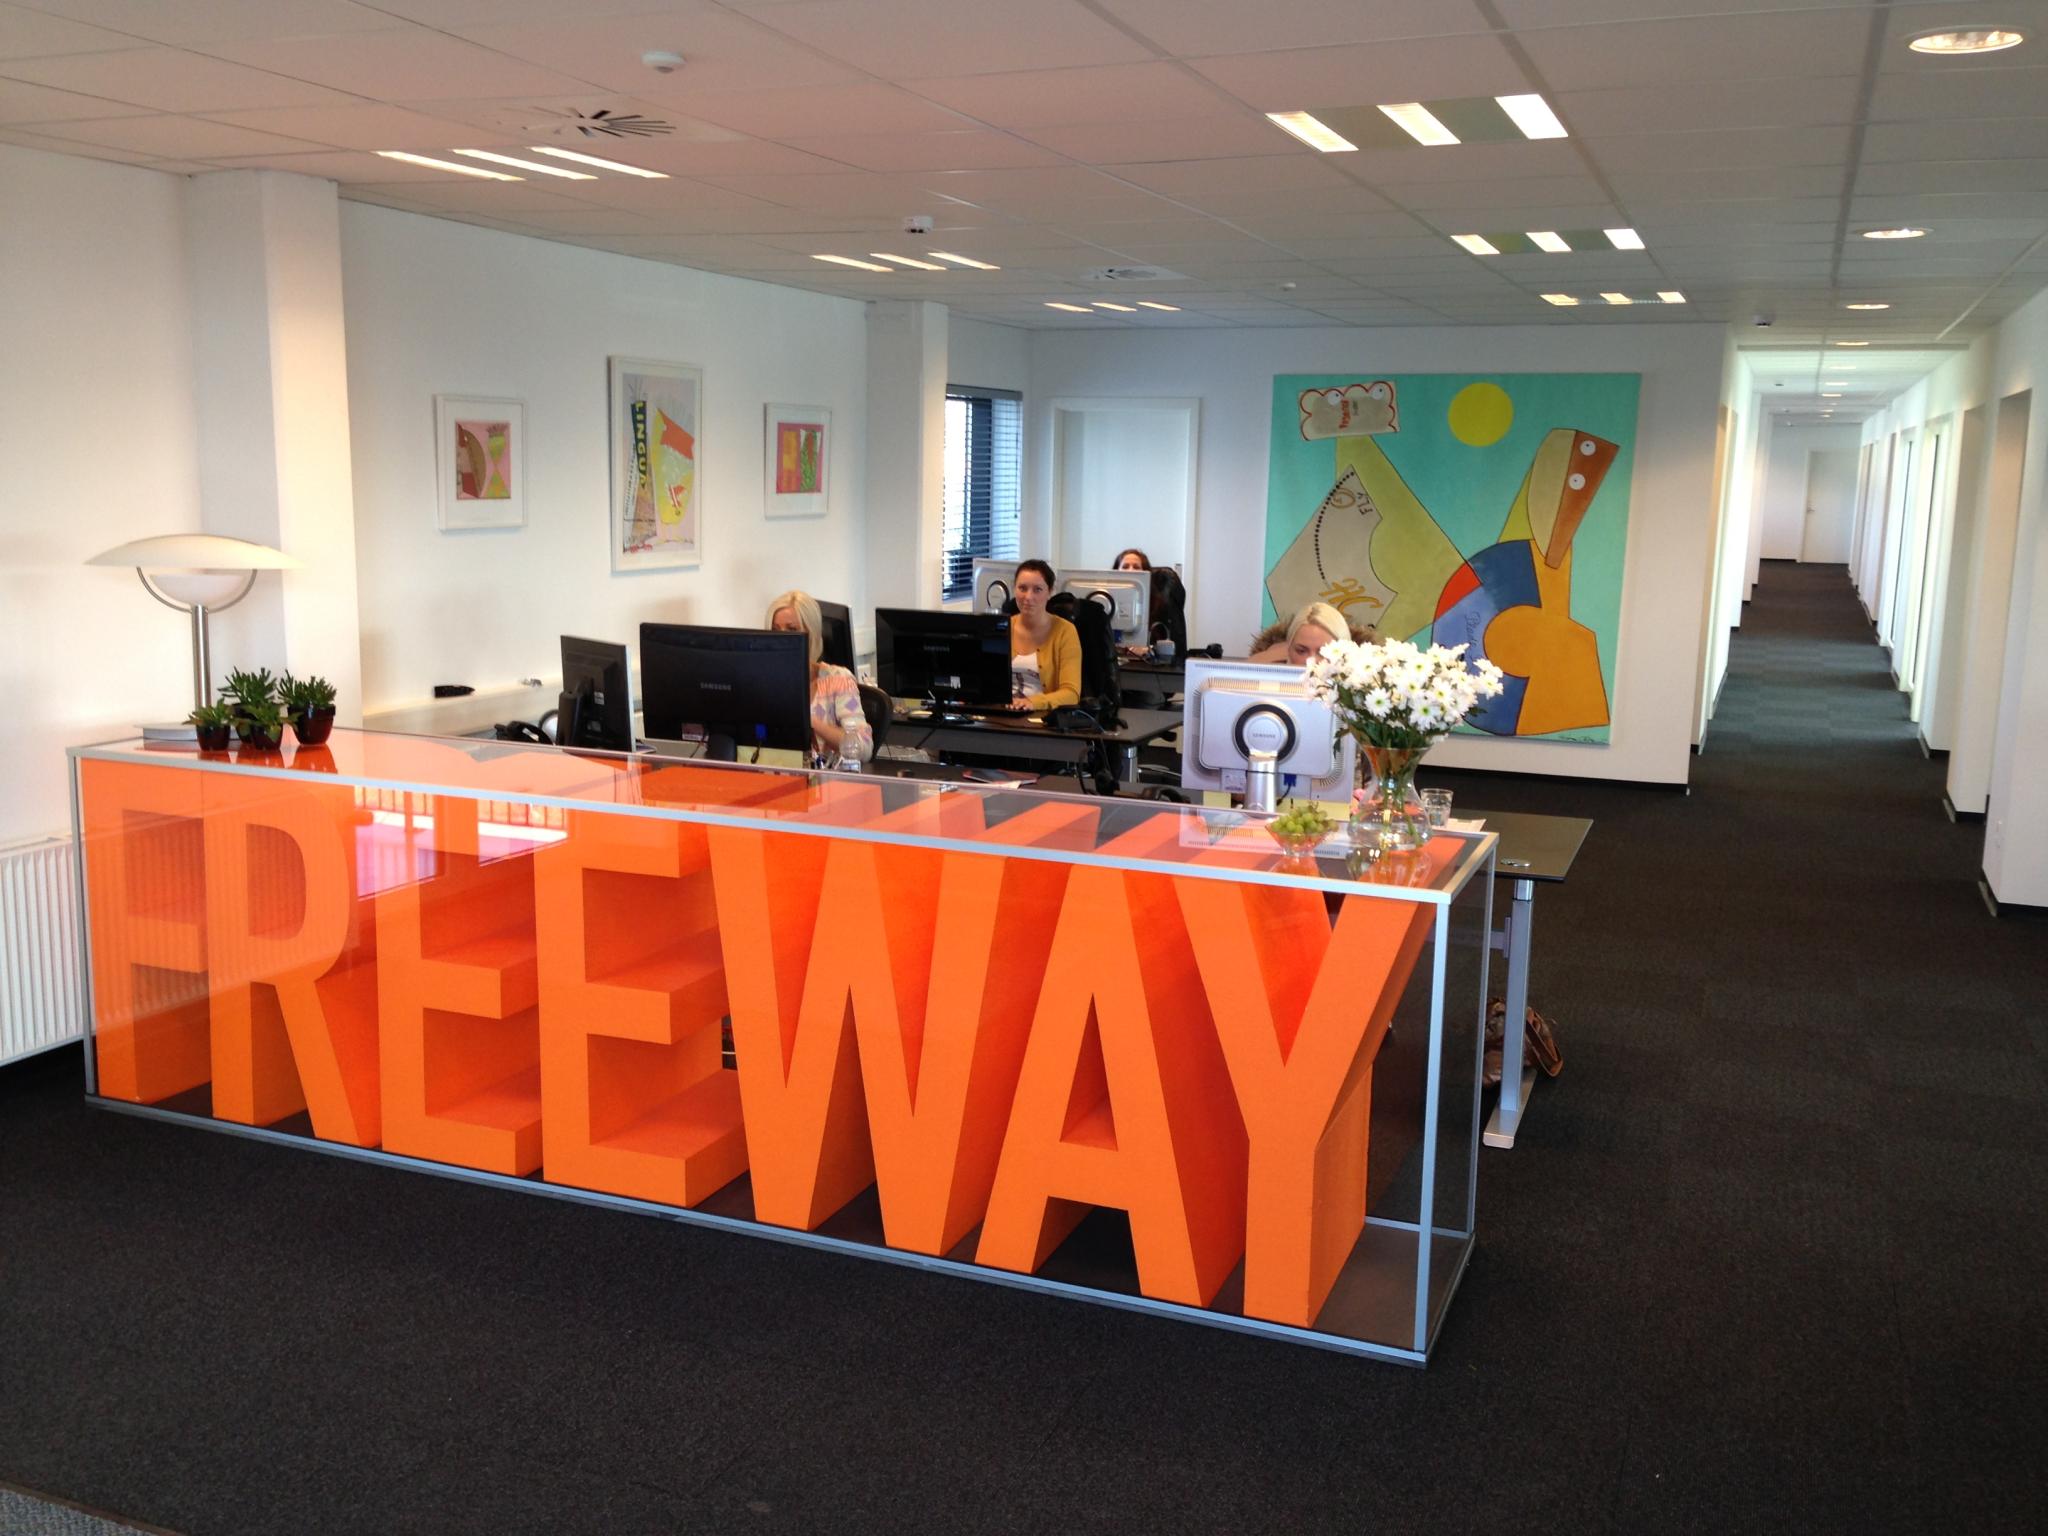 Freeway har succes med vækst og nye forretningsområder